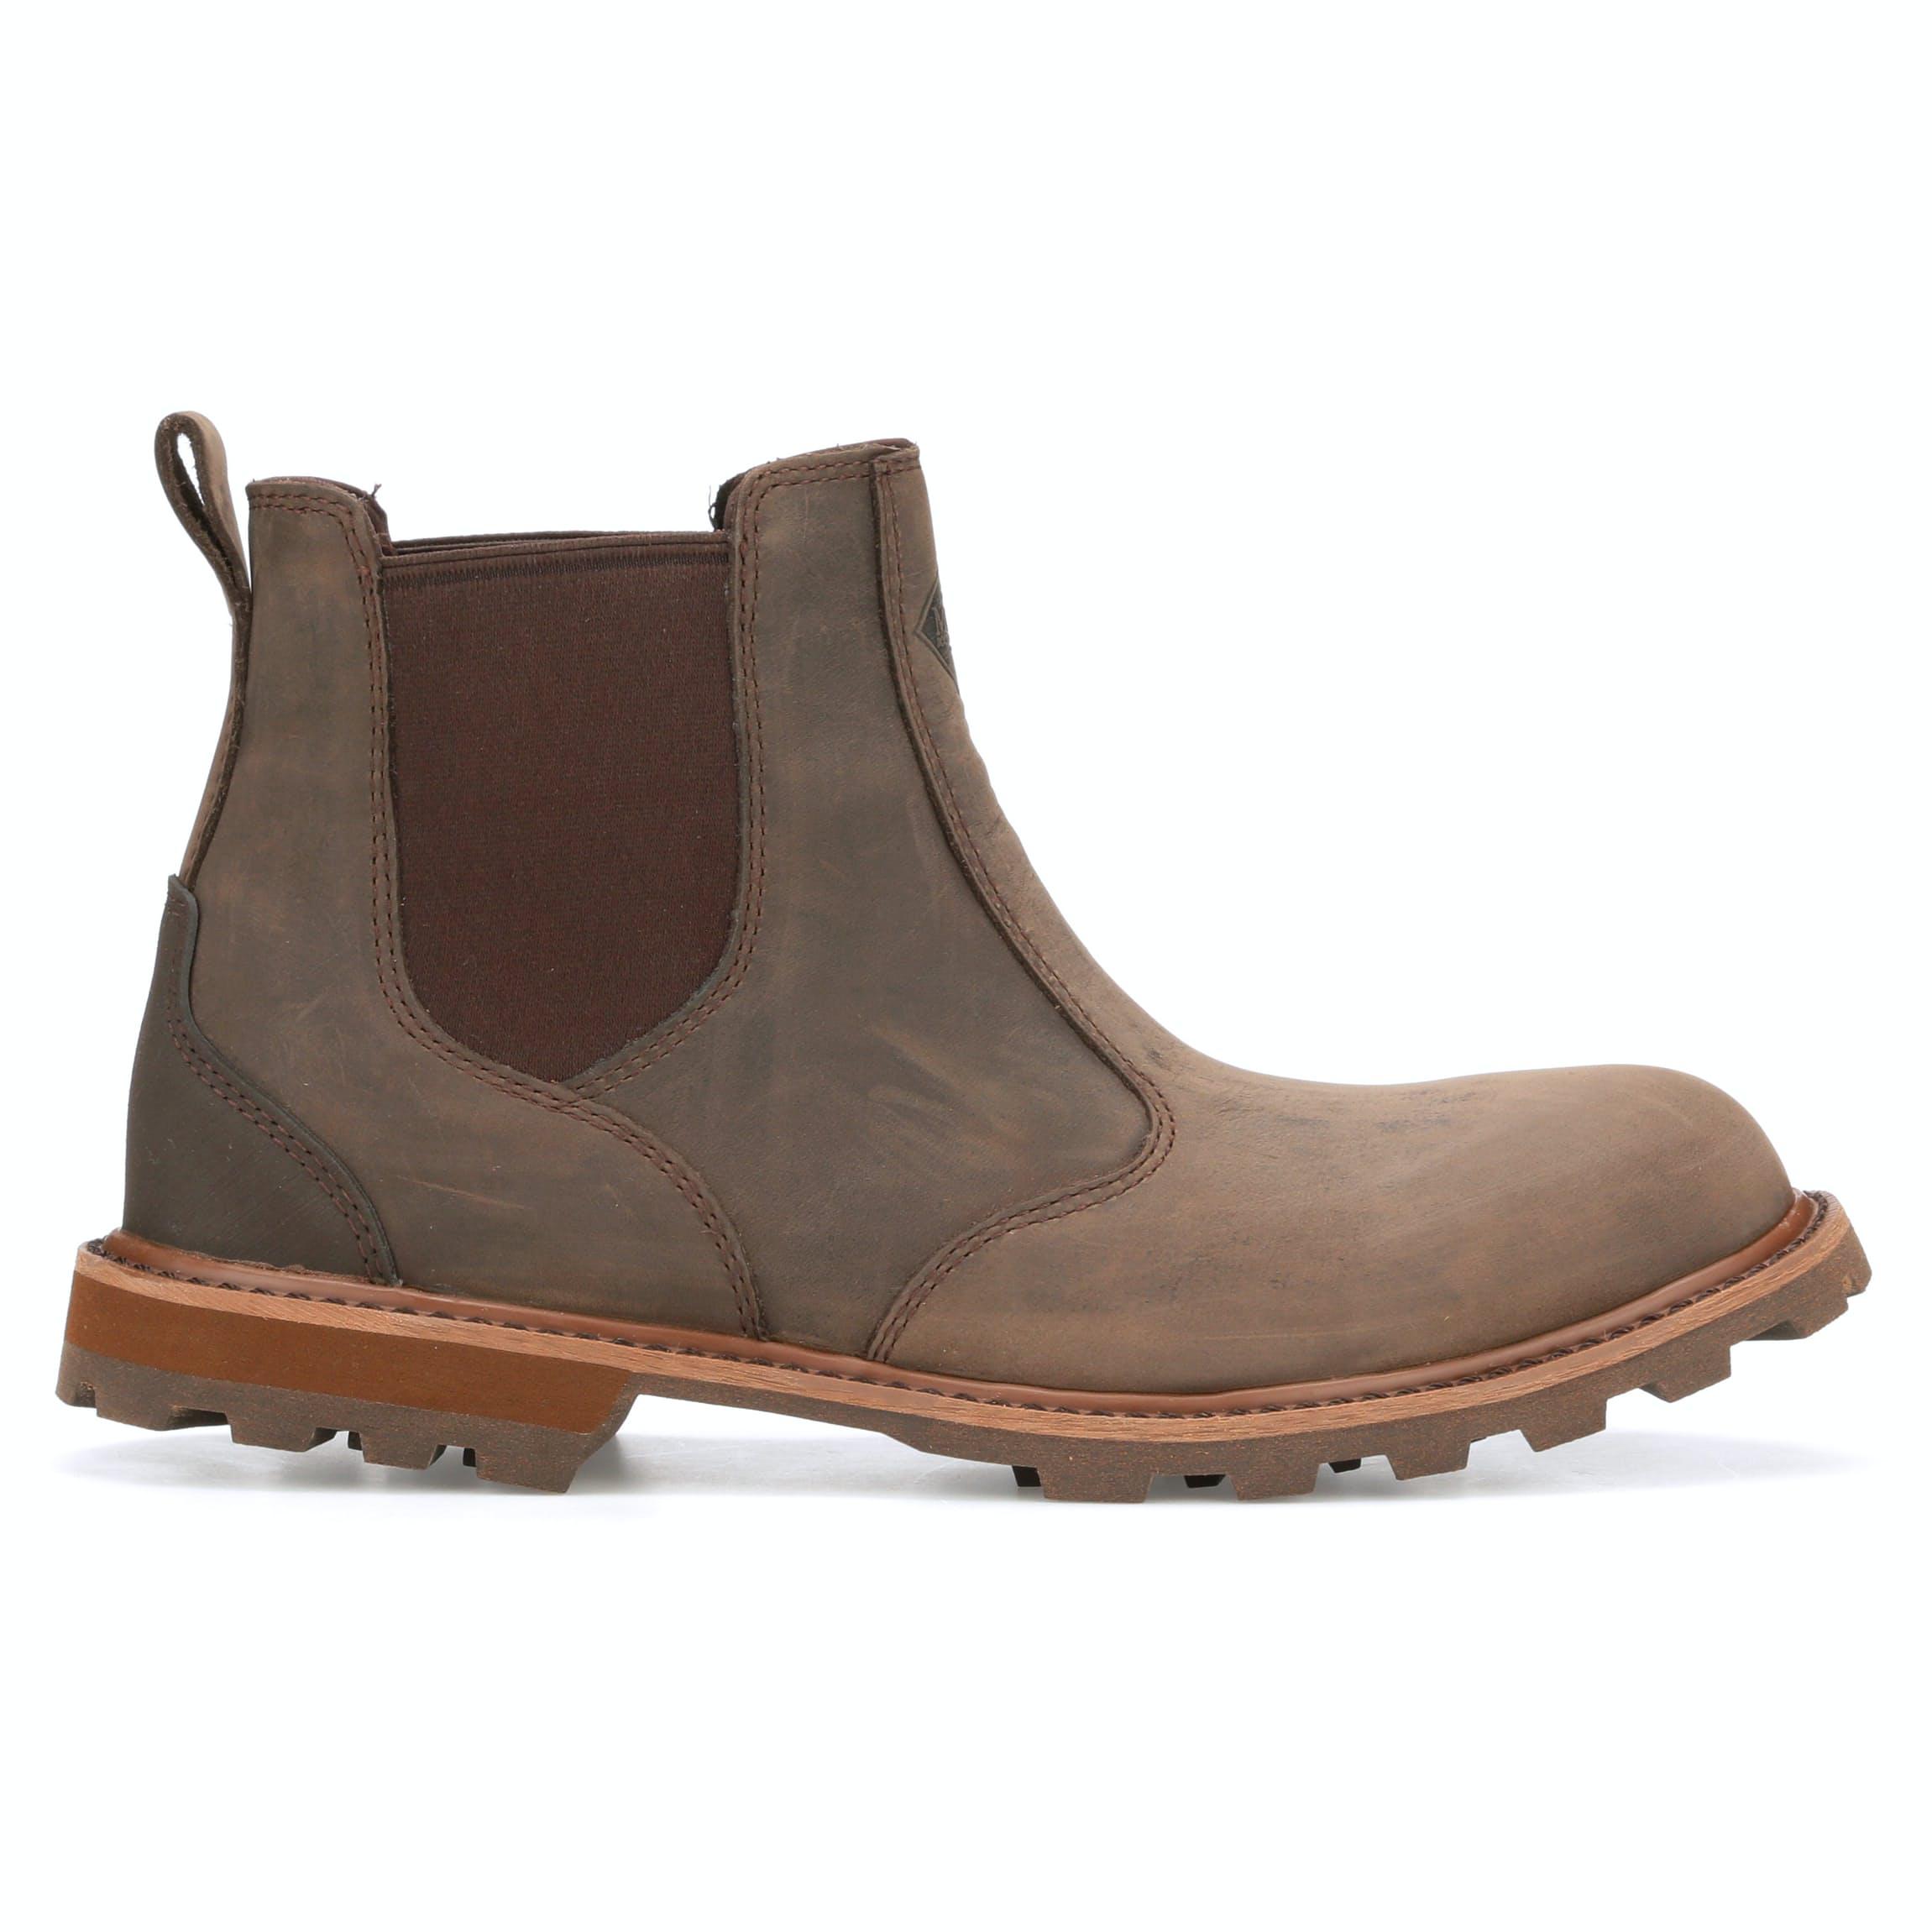 9a29de98e5f Shop Men's Boots | Huckberry